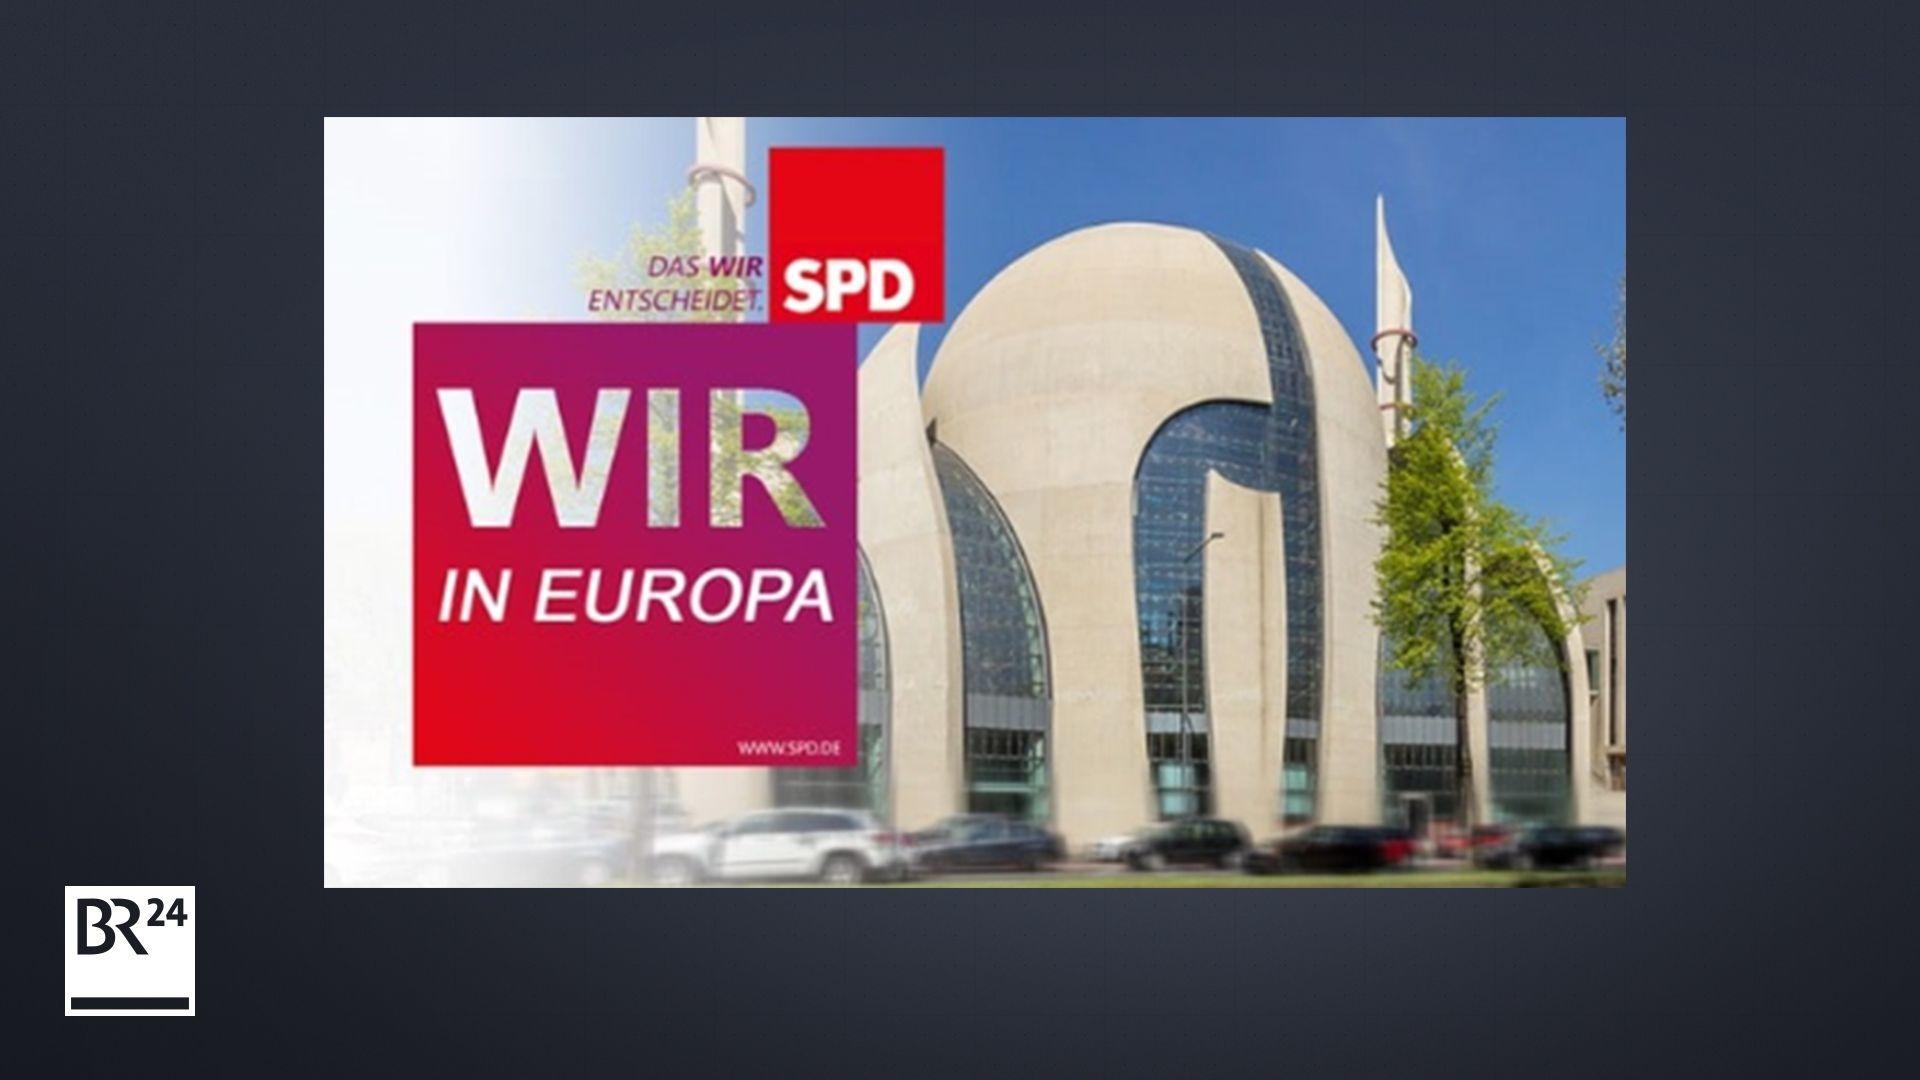 Ein gefälschtes Wahlplakat der SPD zeigt die Zentralmoschee in Köln